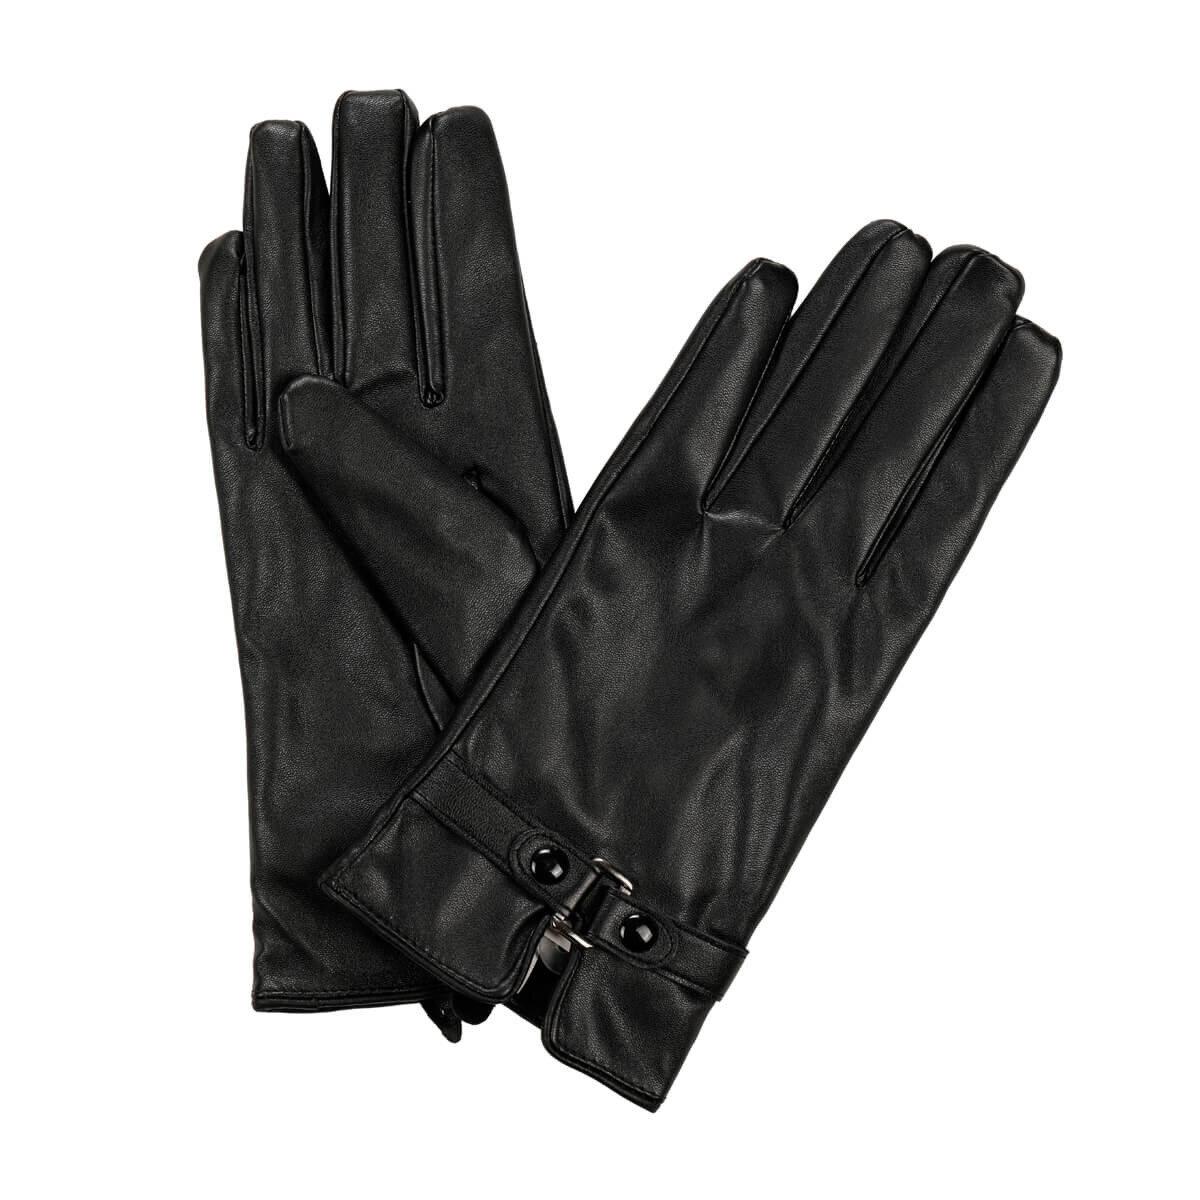 FLO BURGUNDY GLOVES Black Women 'S Gloves Miss F